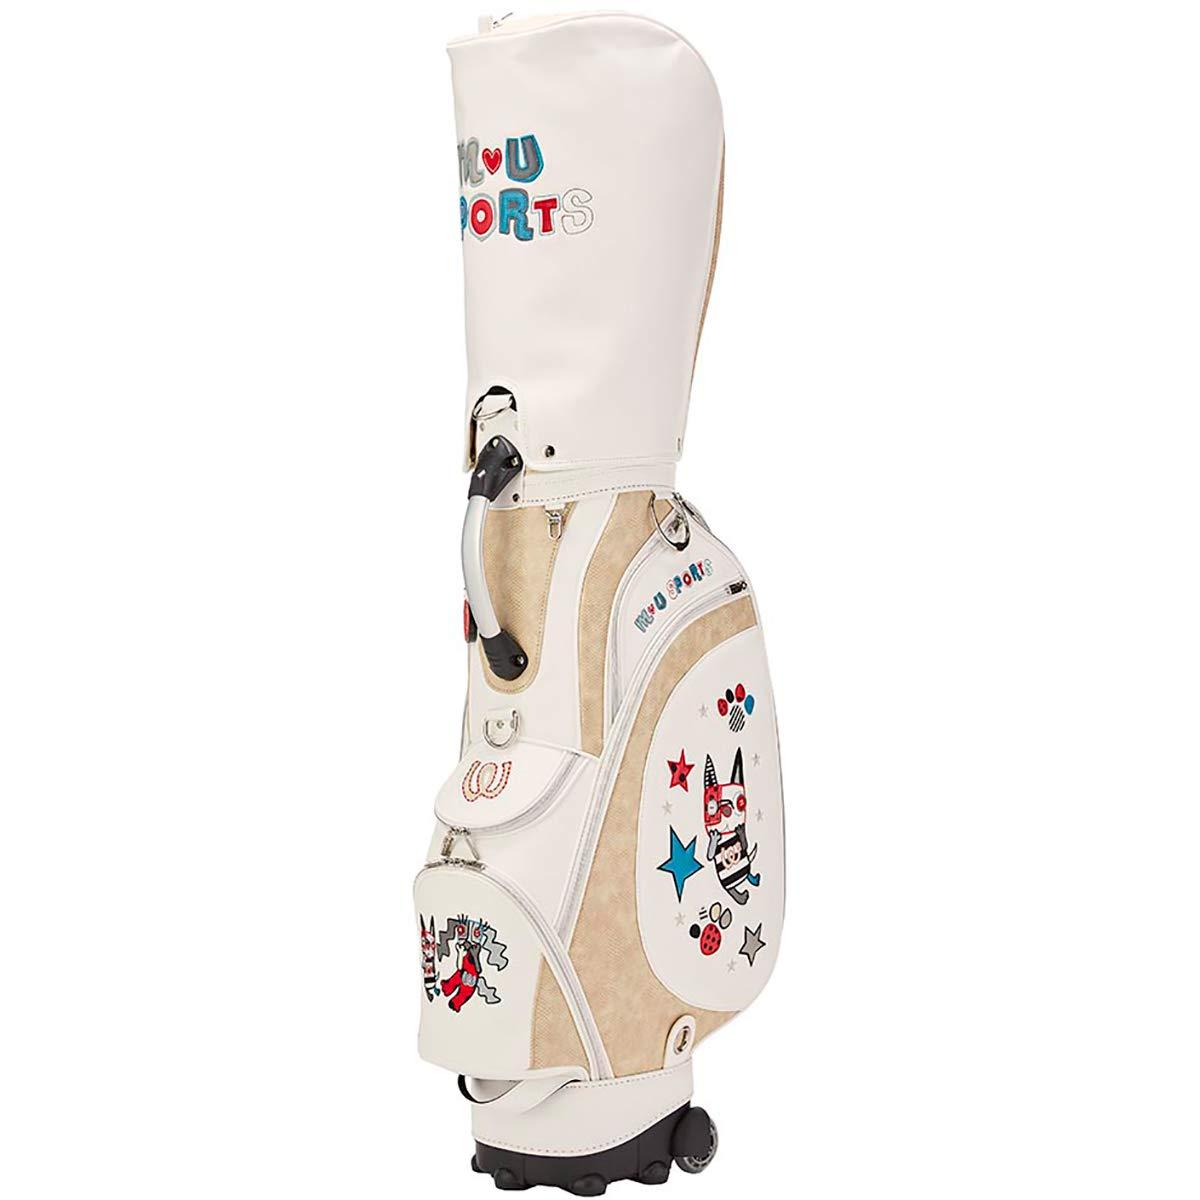 MU SPORTS(エム ユースポーツ) キャディーバッグ 2019SSシリーズ スペインアート風キャディバッグ アイボリー 703P1102 アイボリー   B07NP58P7H